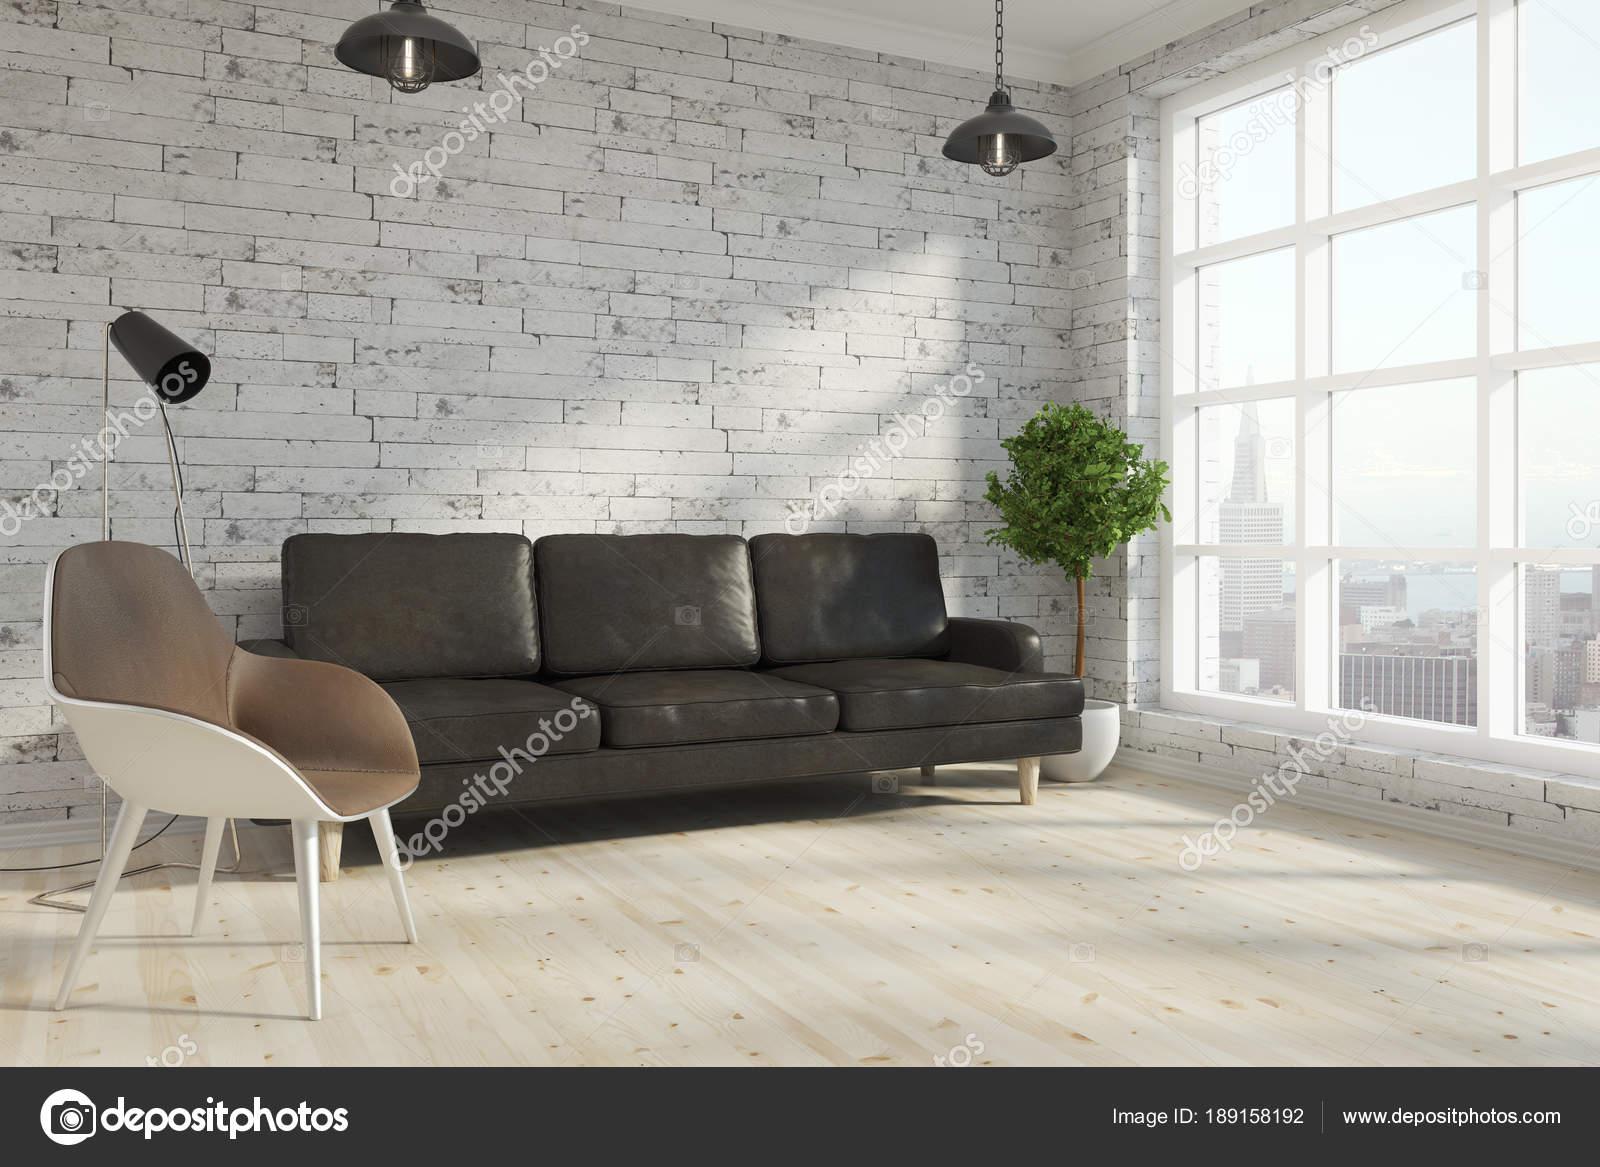 Zeitgenössische Backstein-Wohnzimmer — Stockfoto © peshkova #189158192